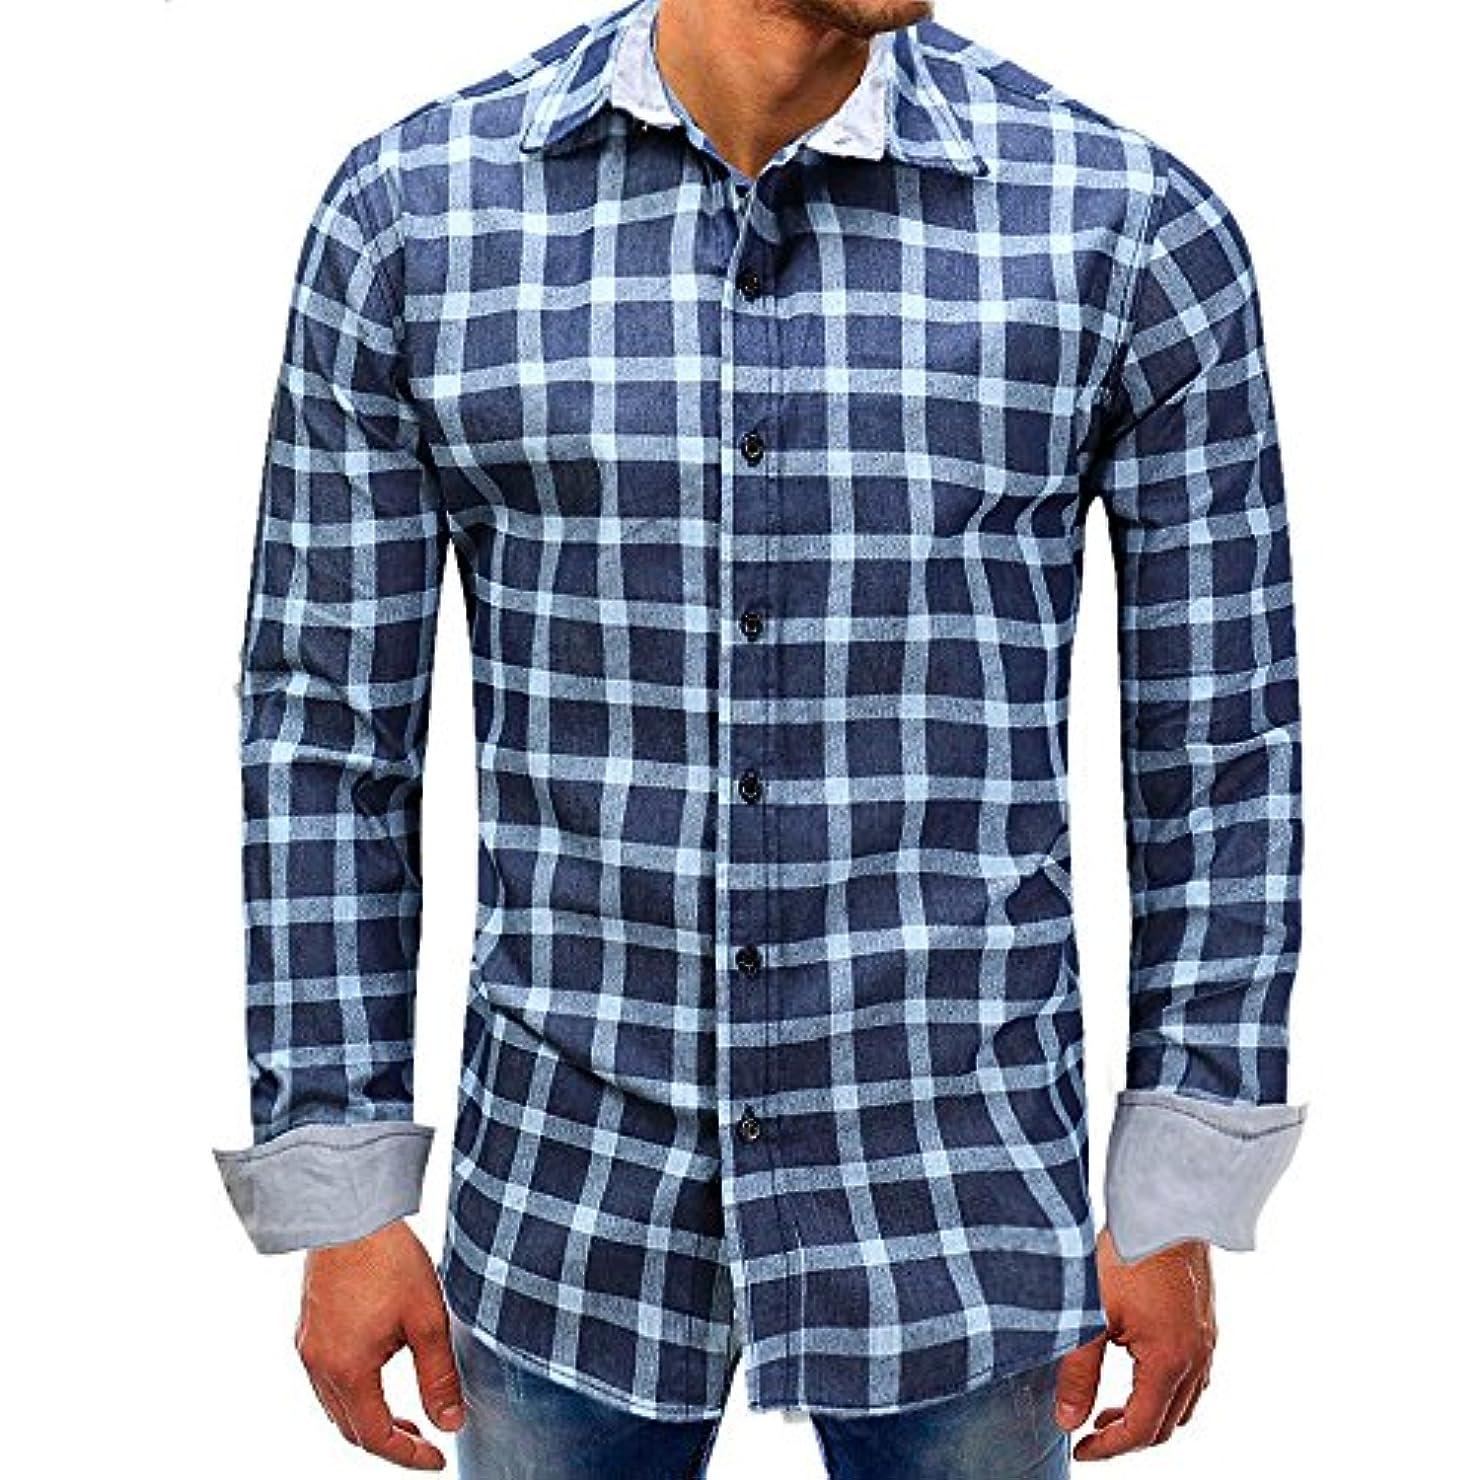 雄大なクロールためにLZE男性 カウボーイ 格子 ロングスリーブ トップ ブルー メンズロング スリーブ 格子 ワイシャツ ファッション 高級ロングスリーブカジュアルスリムフィットビジネス 通勤